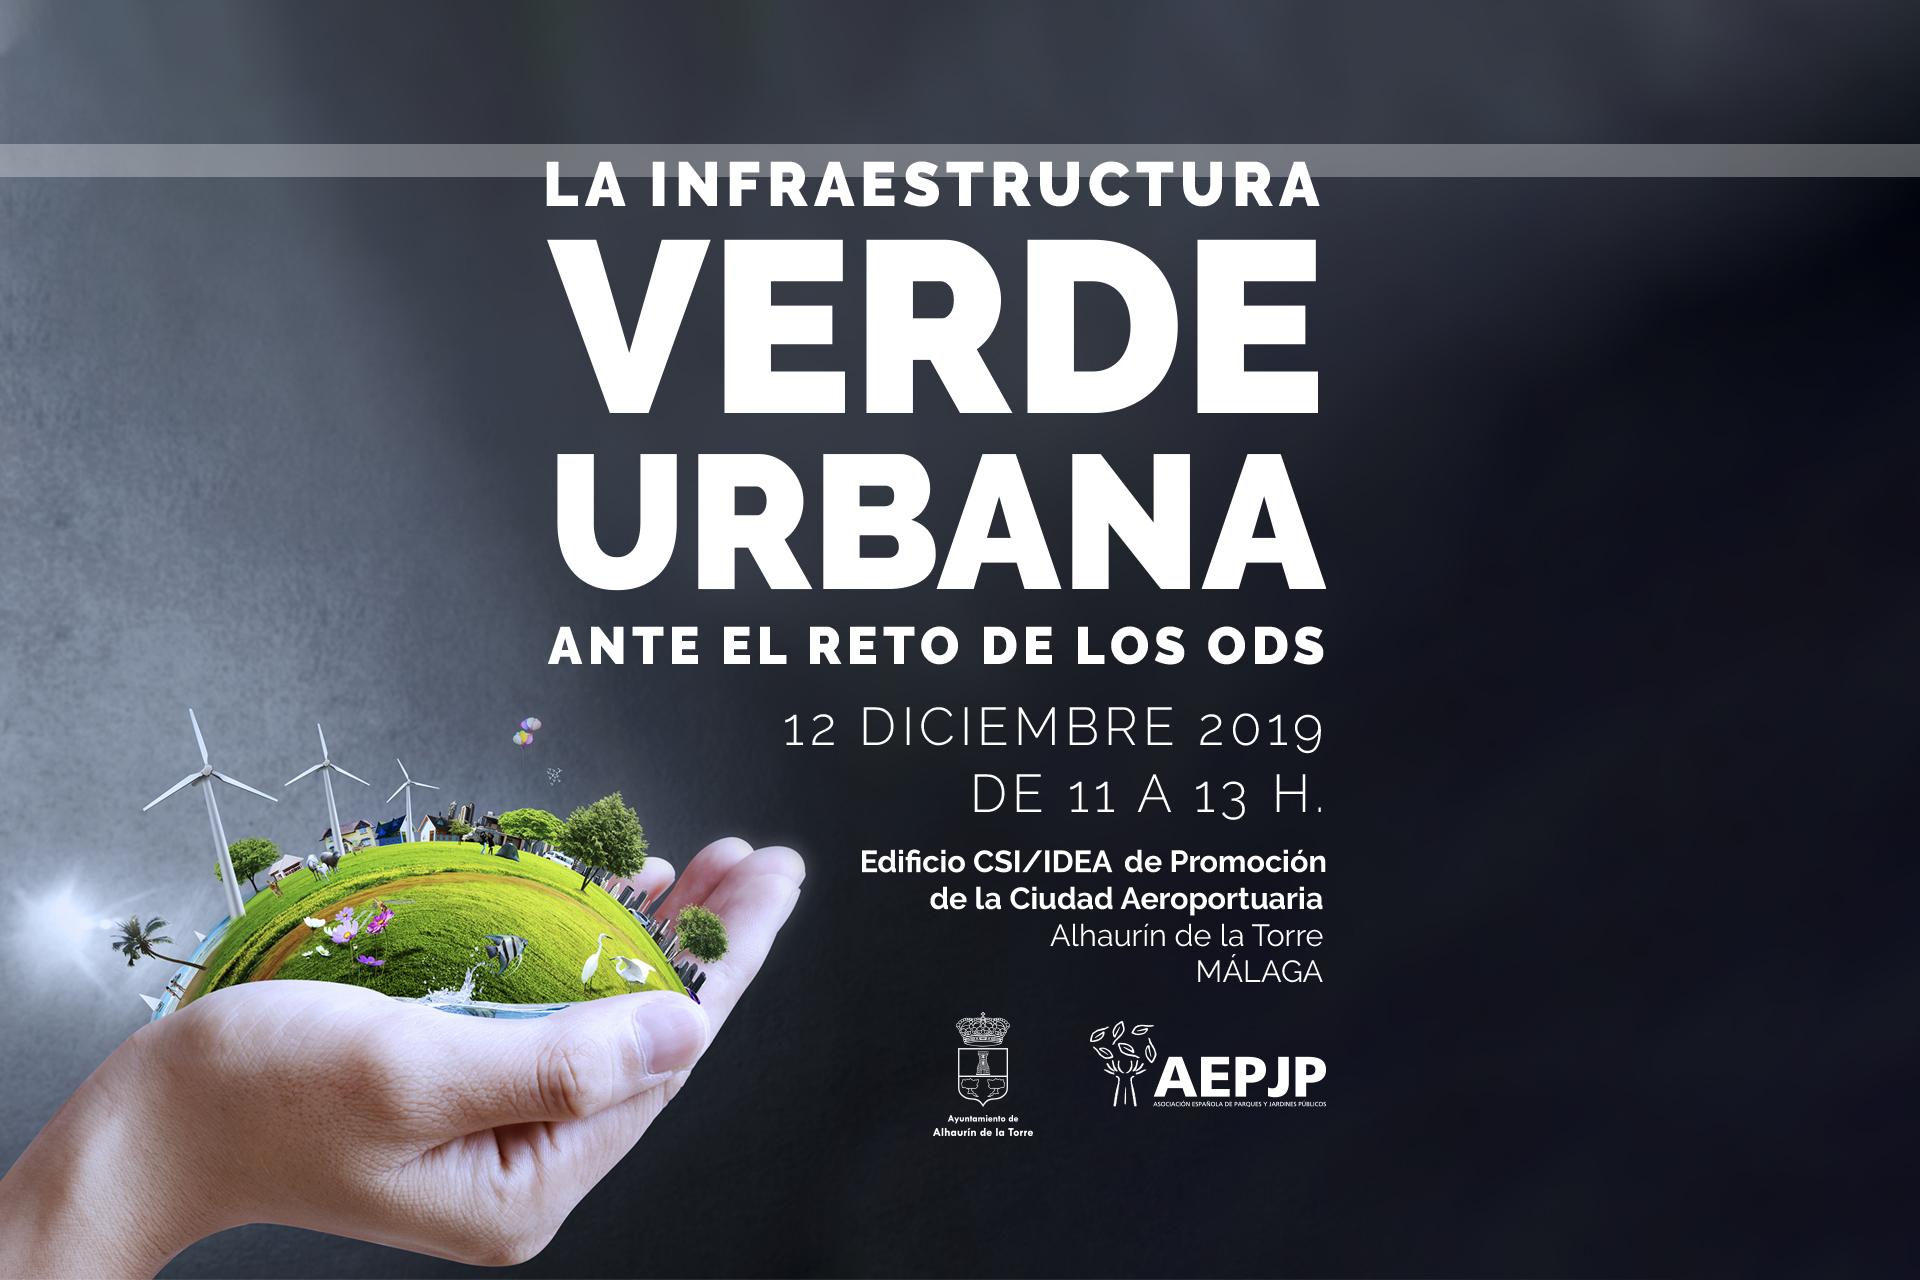 La Infraestructura Verde Ante El Resto De Los ODS